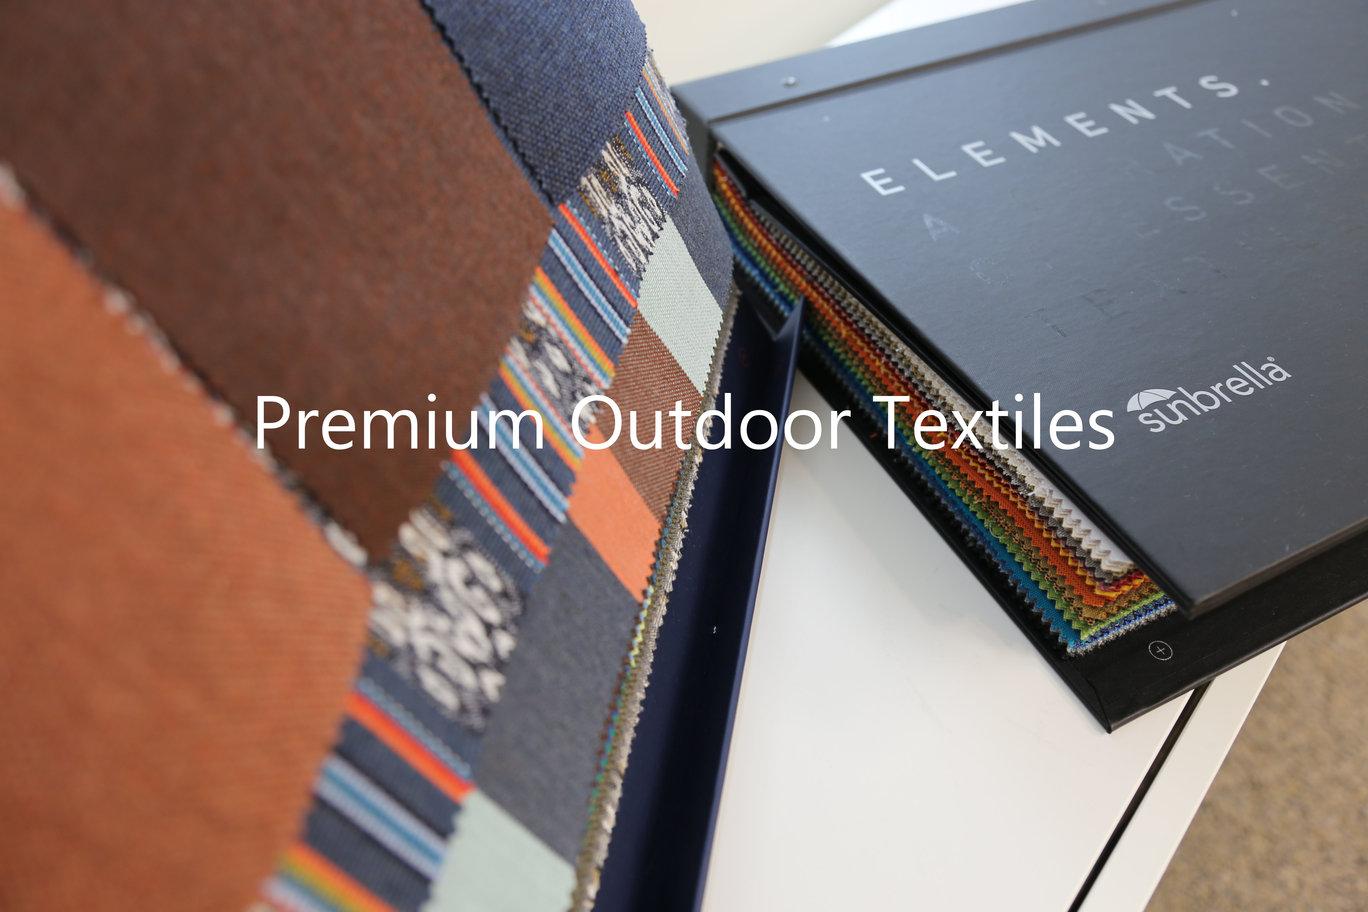 Premium Outdoor Textiles